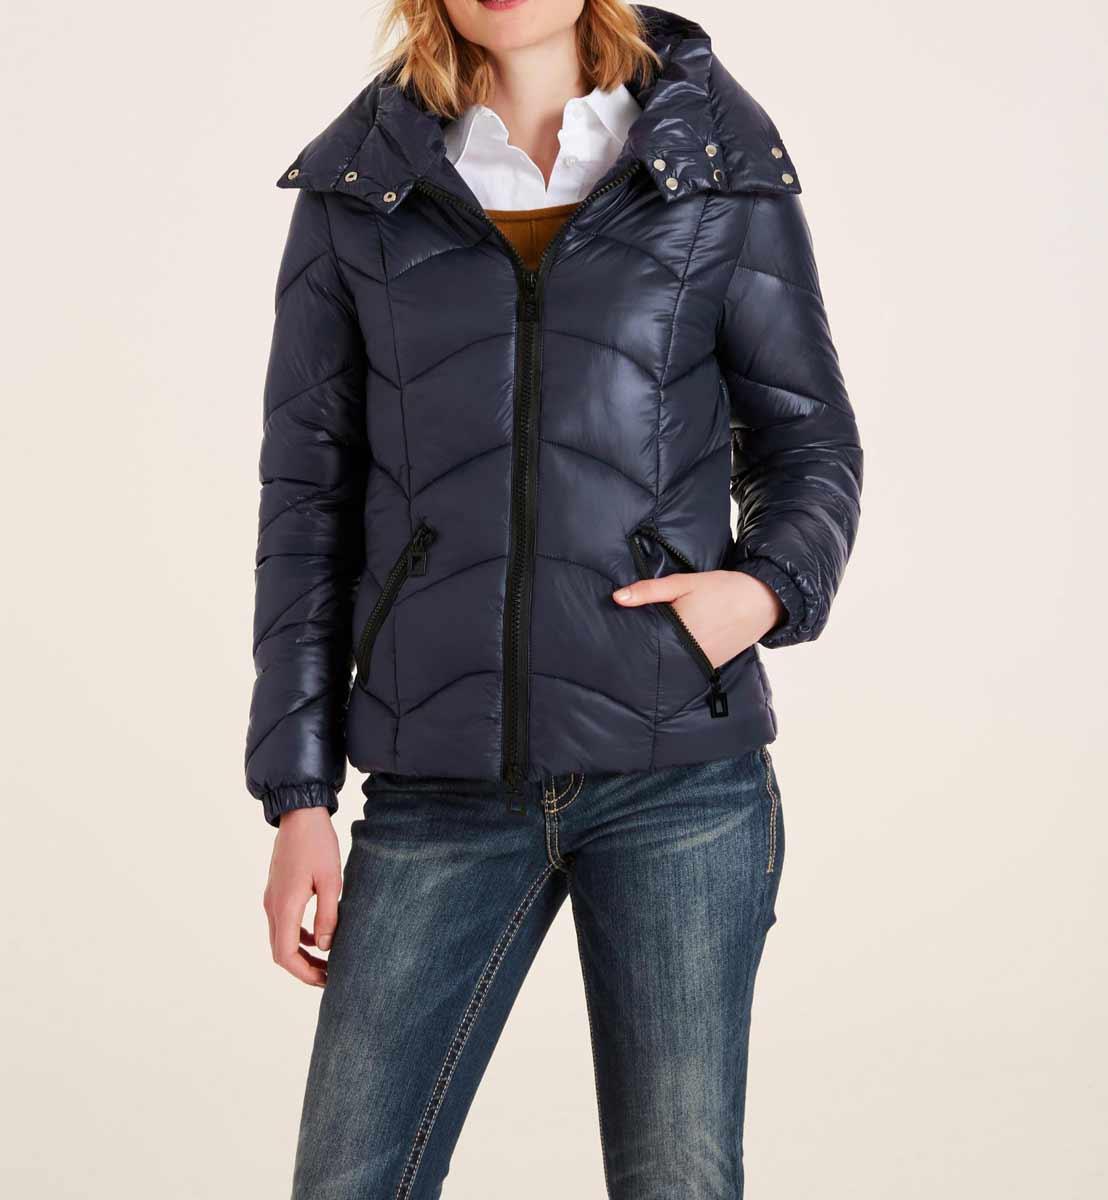 jacken auf rechnung bestellen als neukunde HEINE Damen Designer-Steppjacke Blau Wattiert Warm Winterjacke Winter Jacke 891.689 MISSFORTY